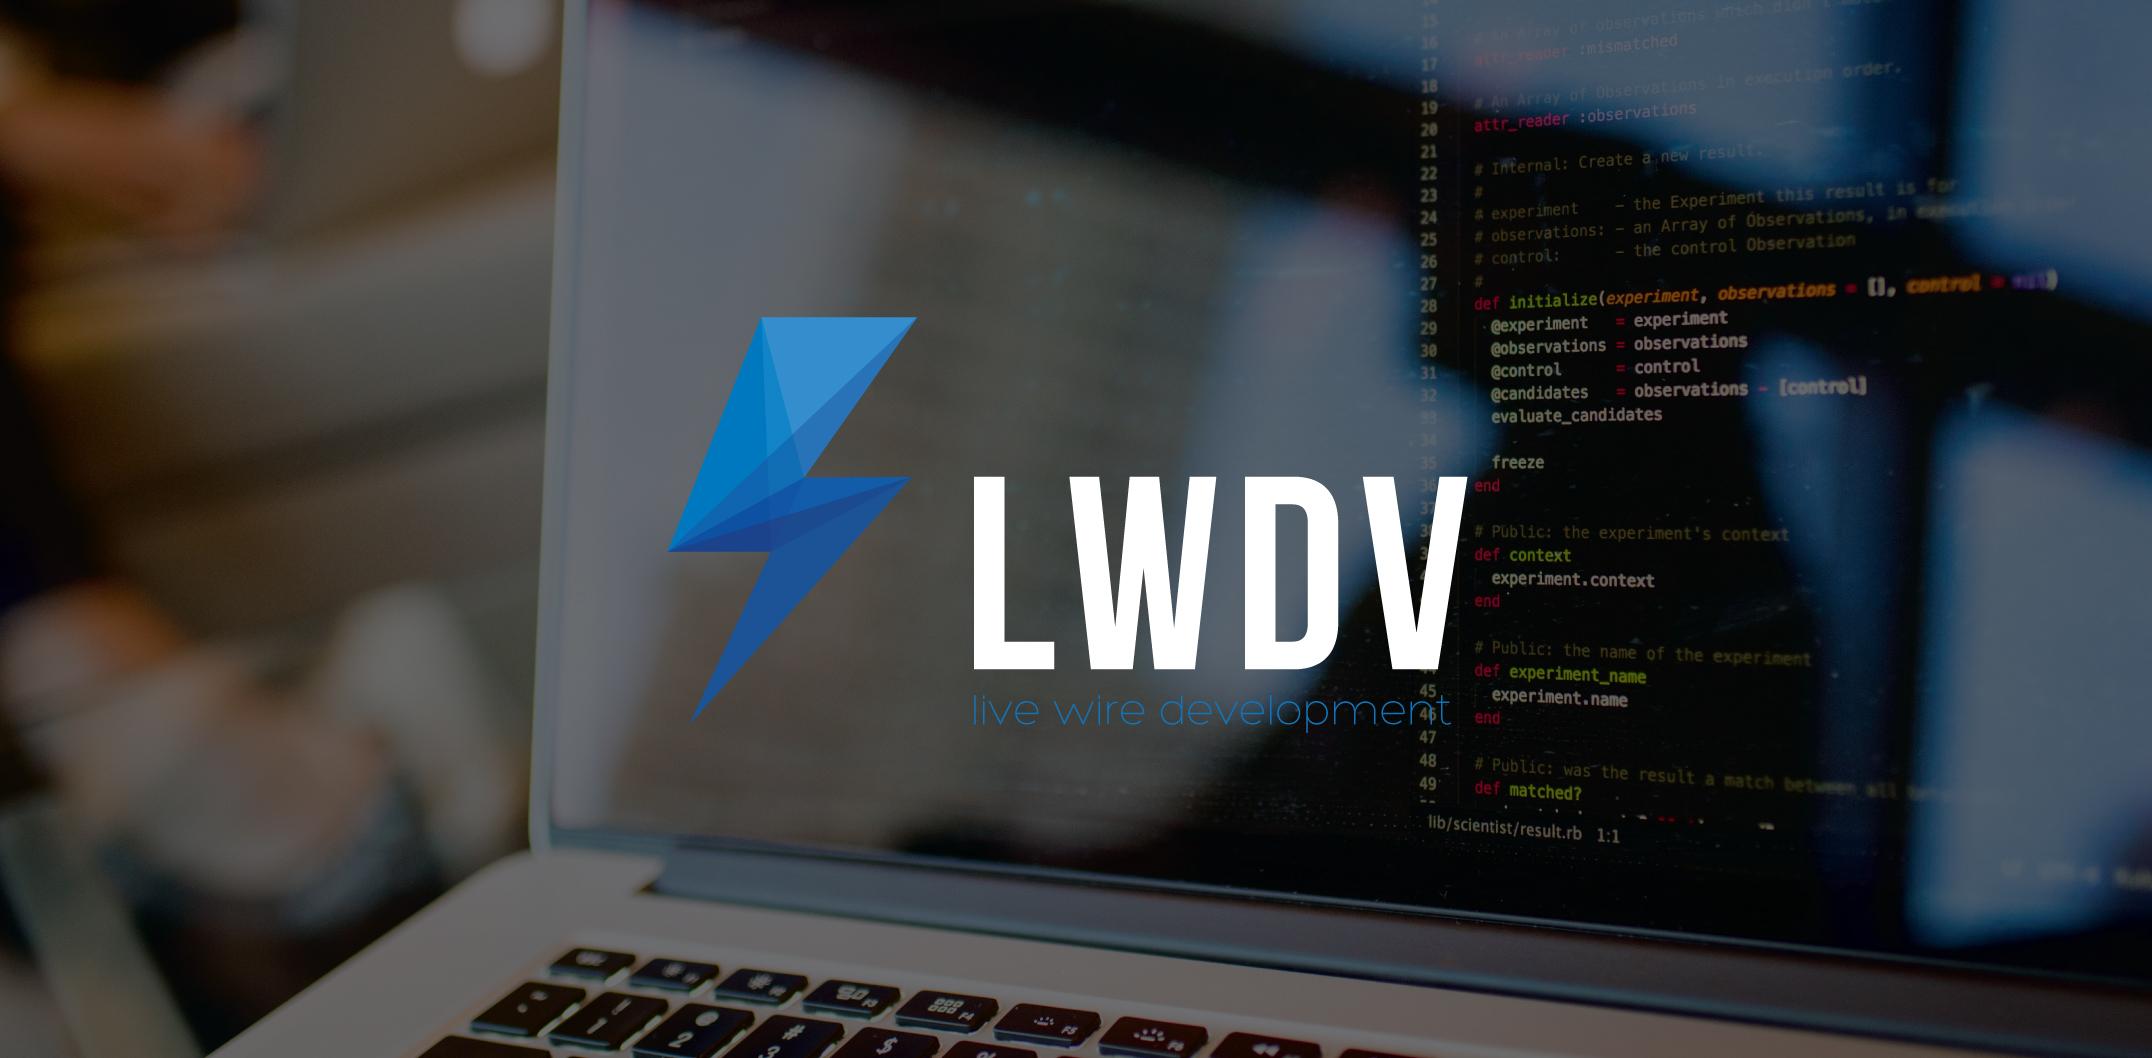 LWDV_Case-study-logo.jpg